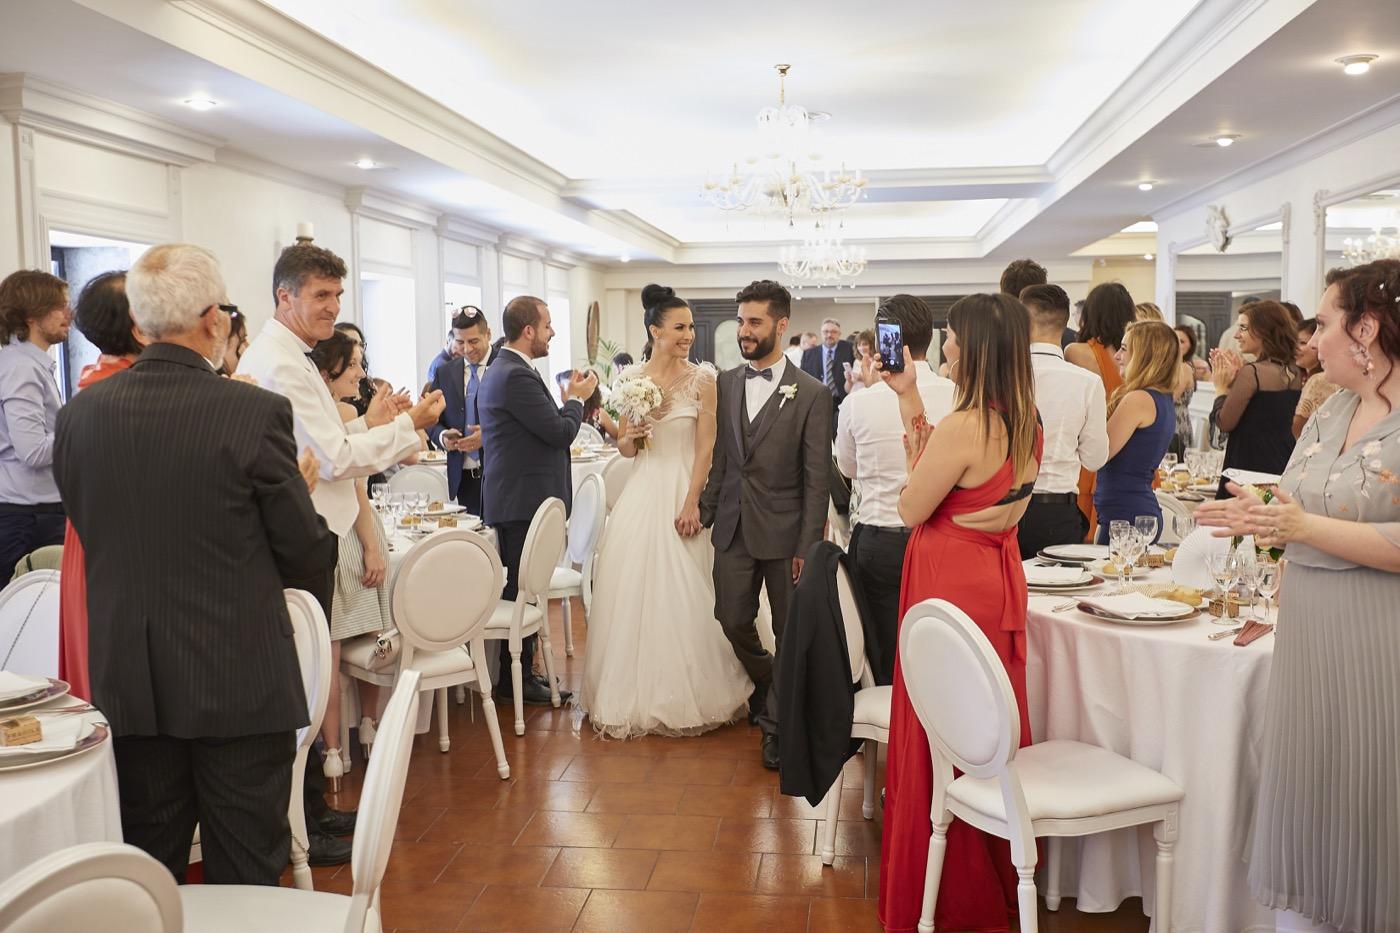 Claudio-Coppola-wedding-photographer-villa-del-cardinale-rocca-di-papa-castel-gandolfo-56